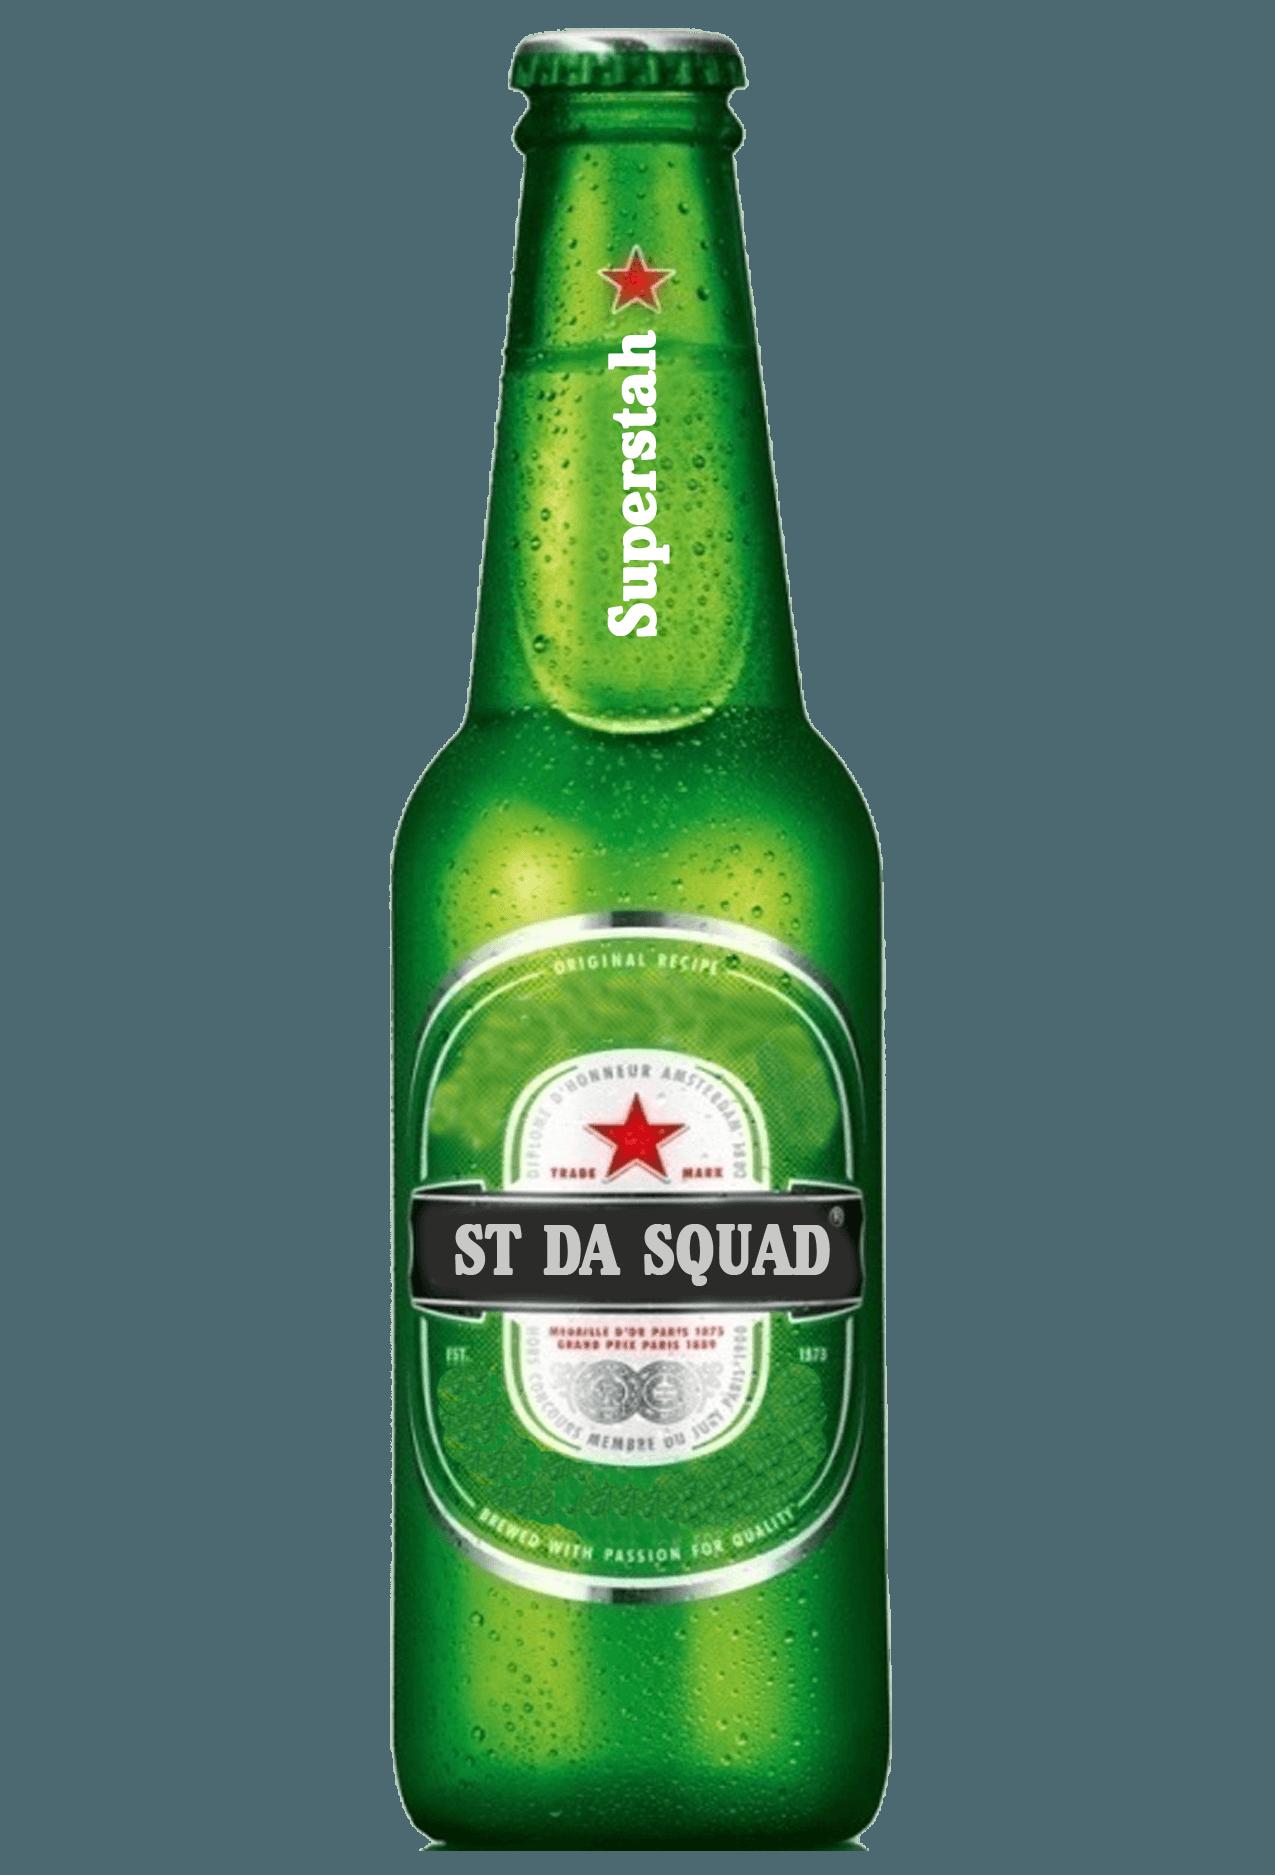 st da squad brand glass bottle